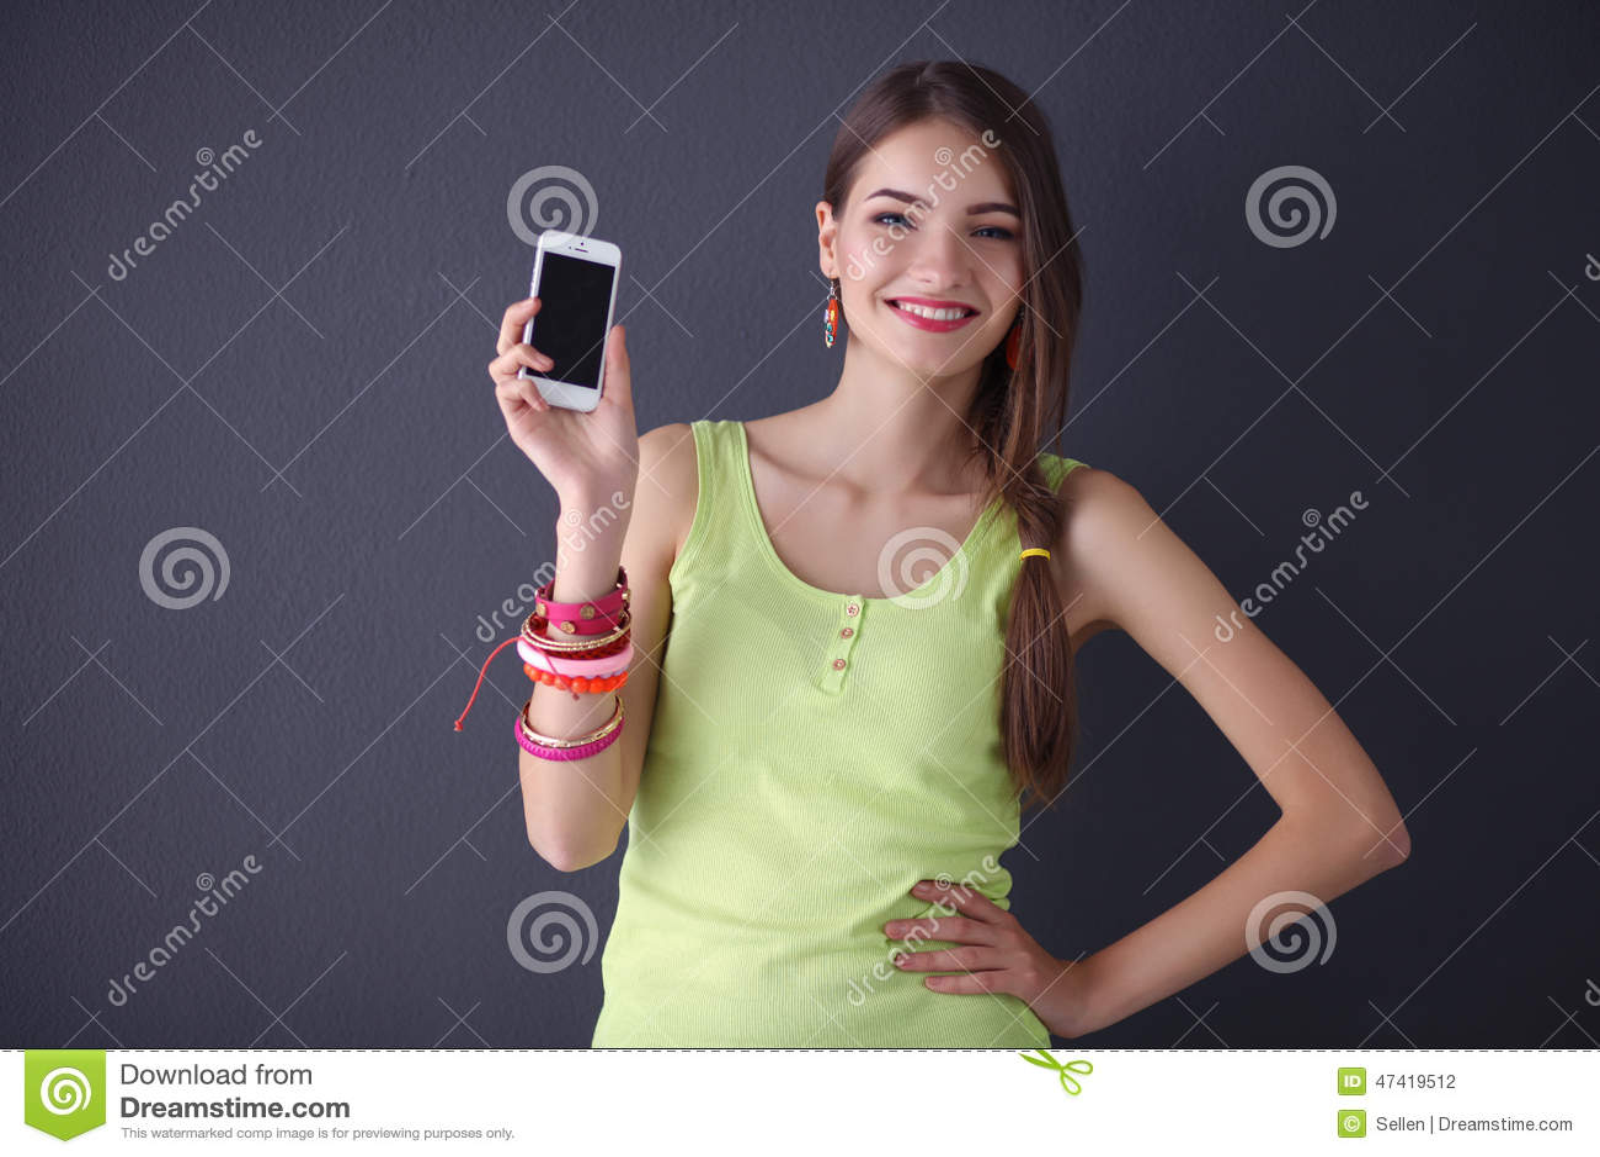 Изолированный мобильный телефон красивой молодой женщины holdiing,